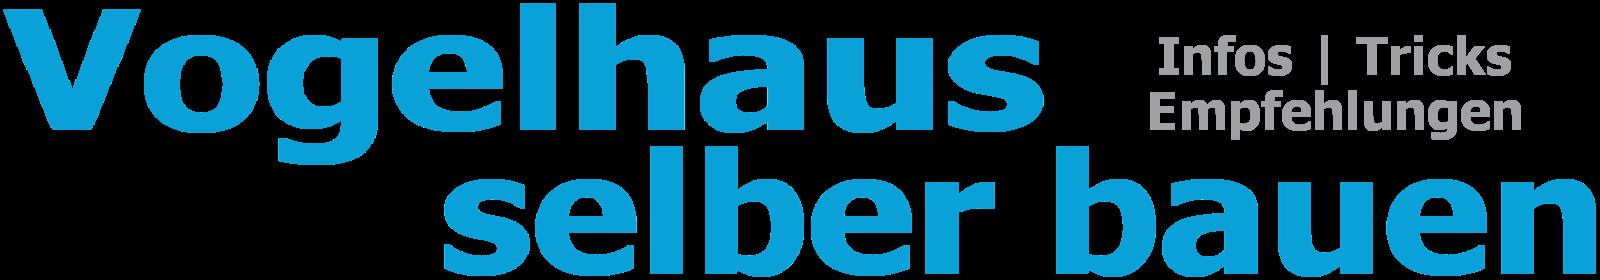 Vogelhaus selber bauen logo